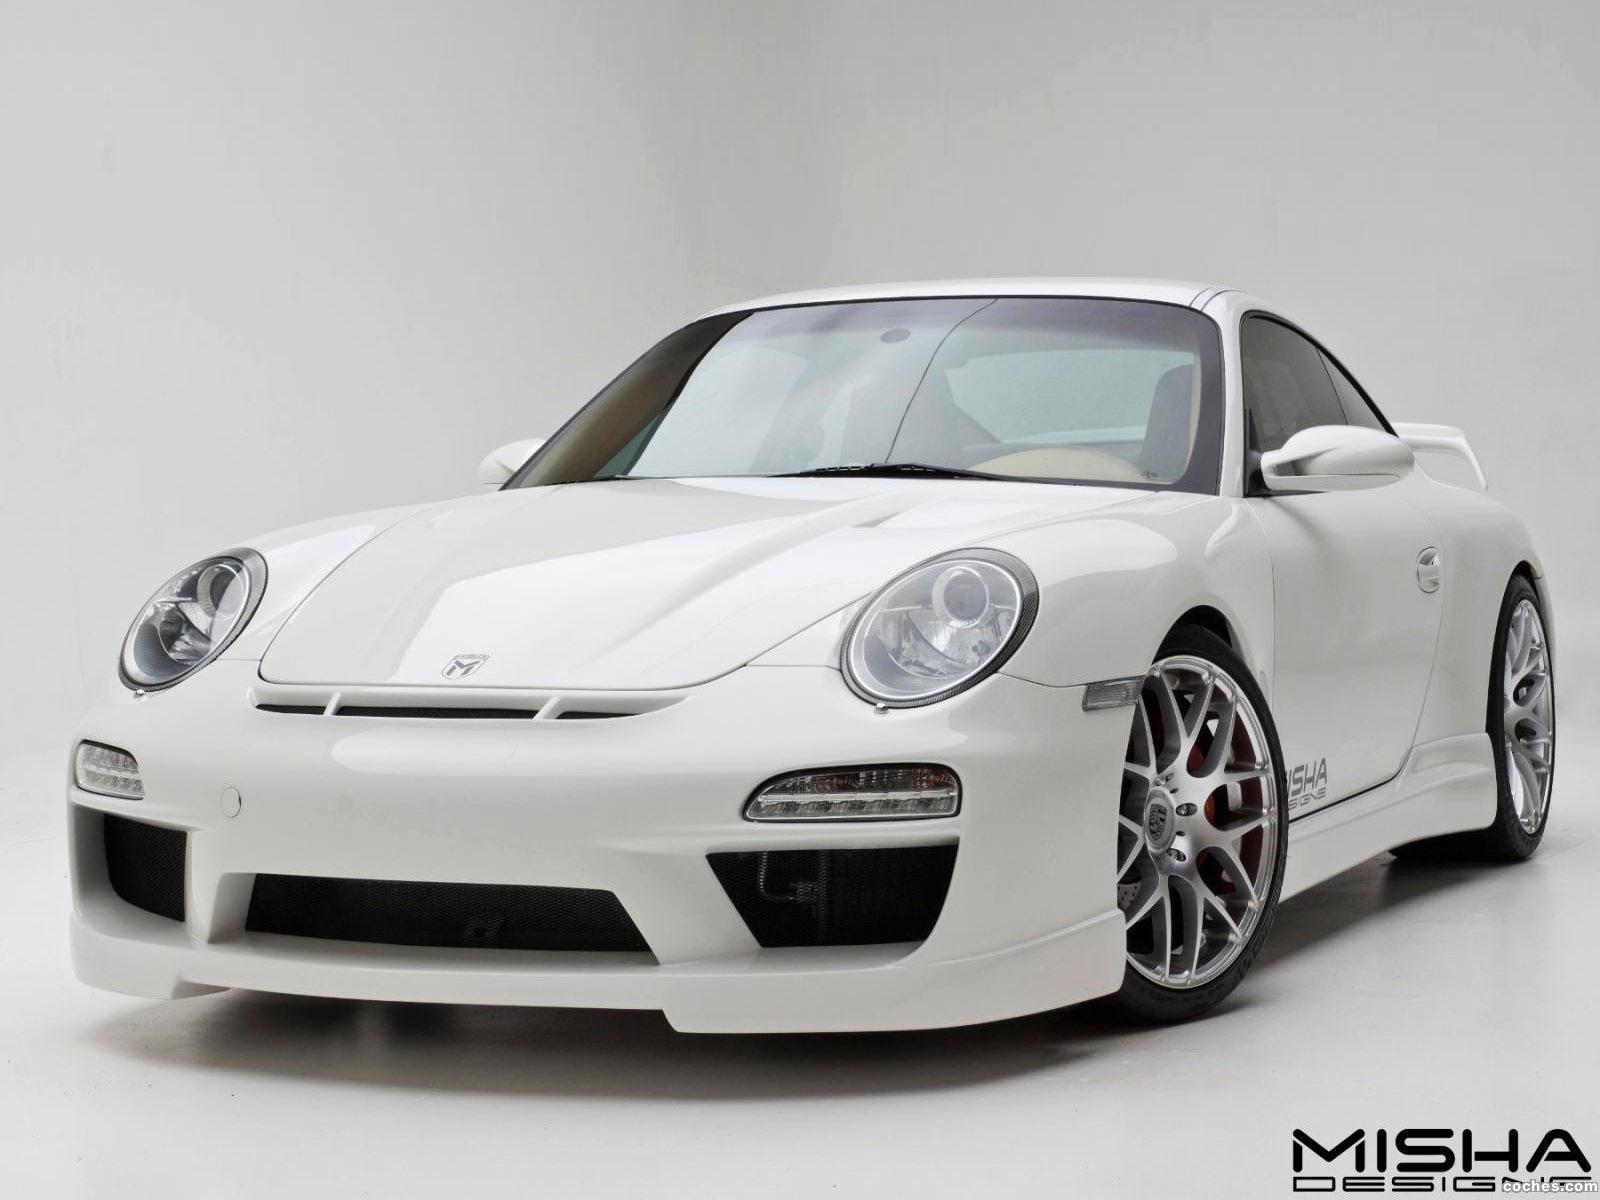 Foto 0 de Misha Porsche 911 Carrera Coupe 2013